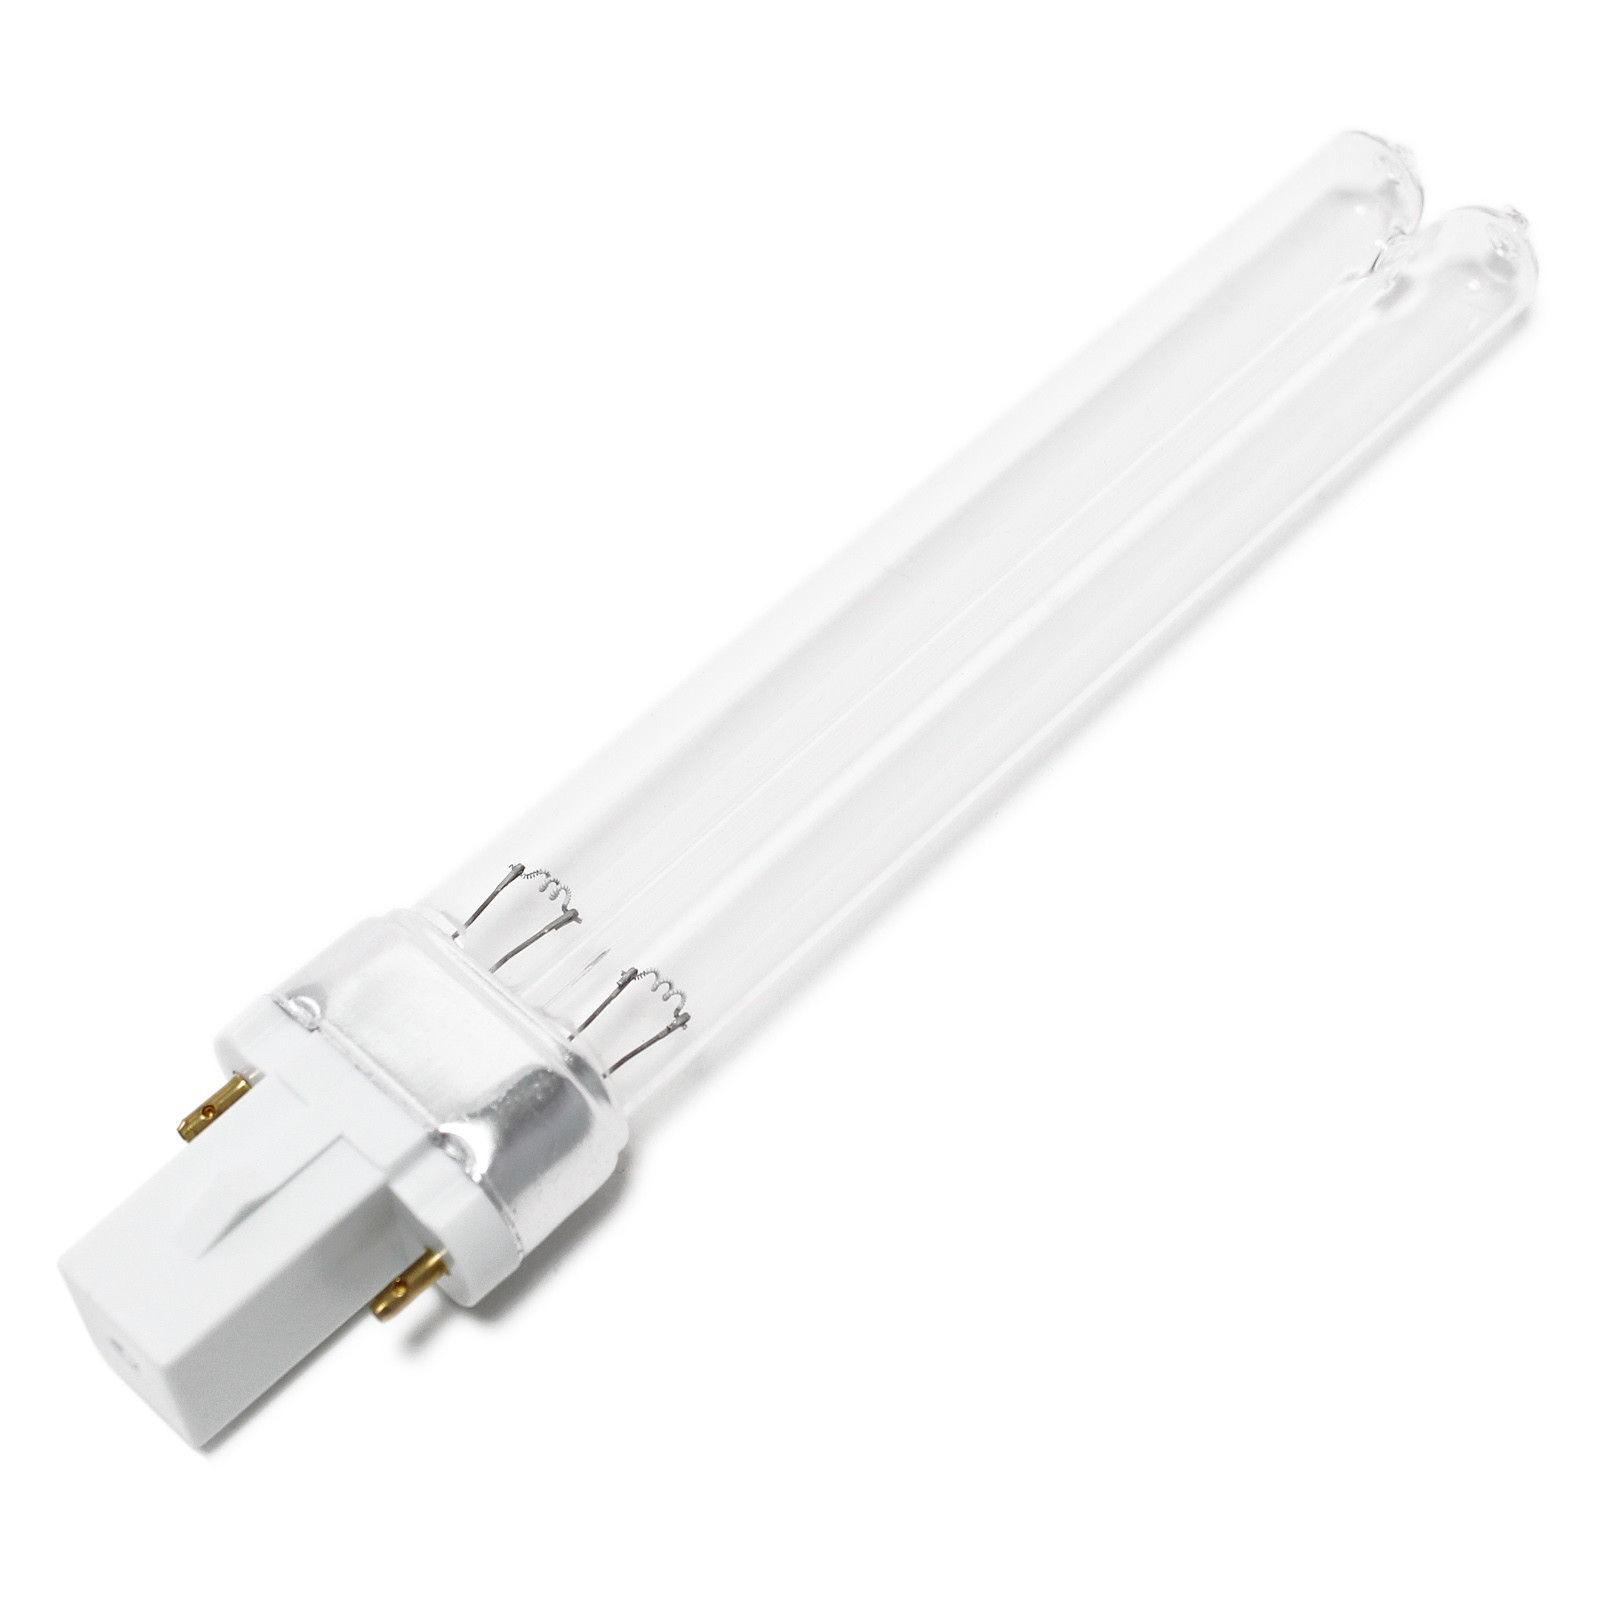 Ampoule de remplacement UVC 7W pour aquarium et bassin de jardin